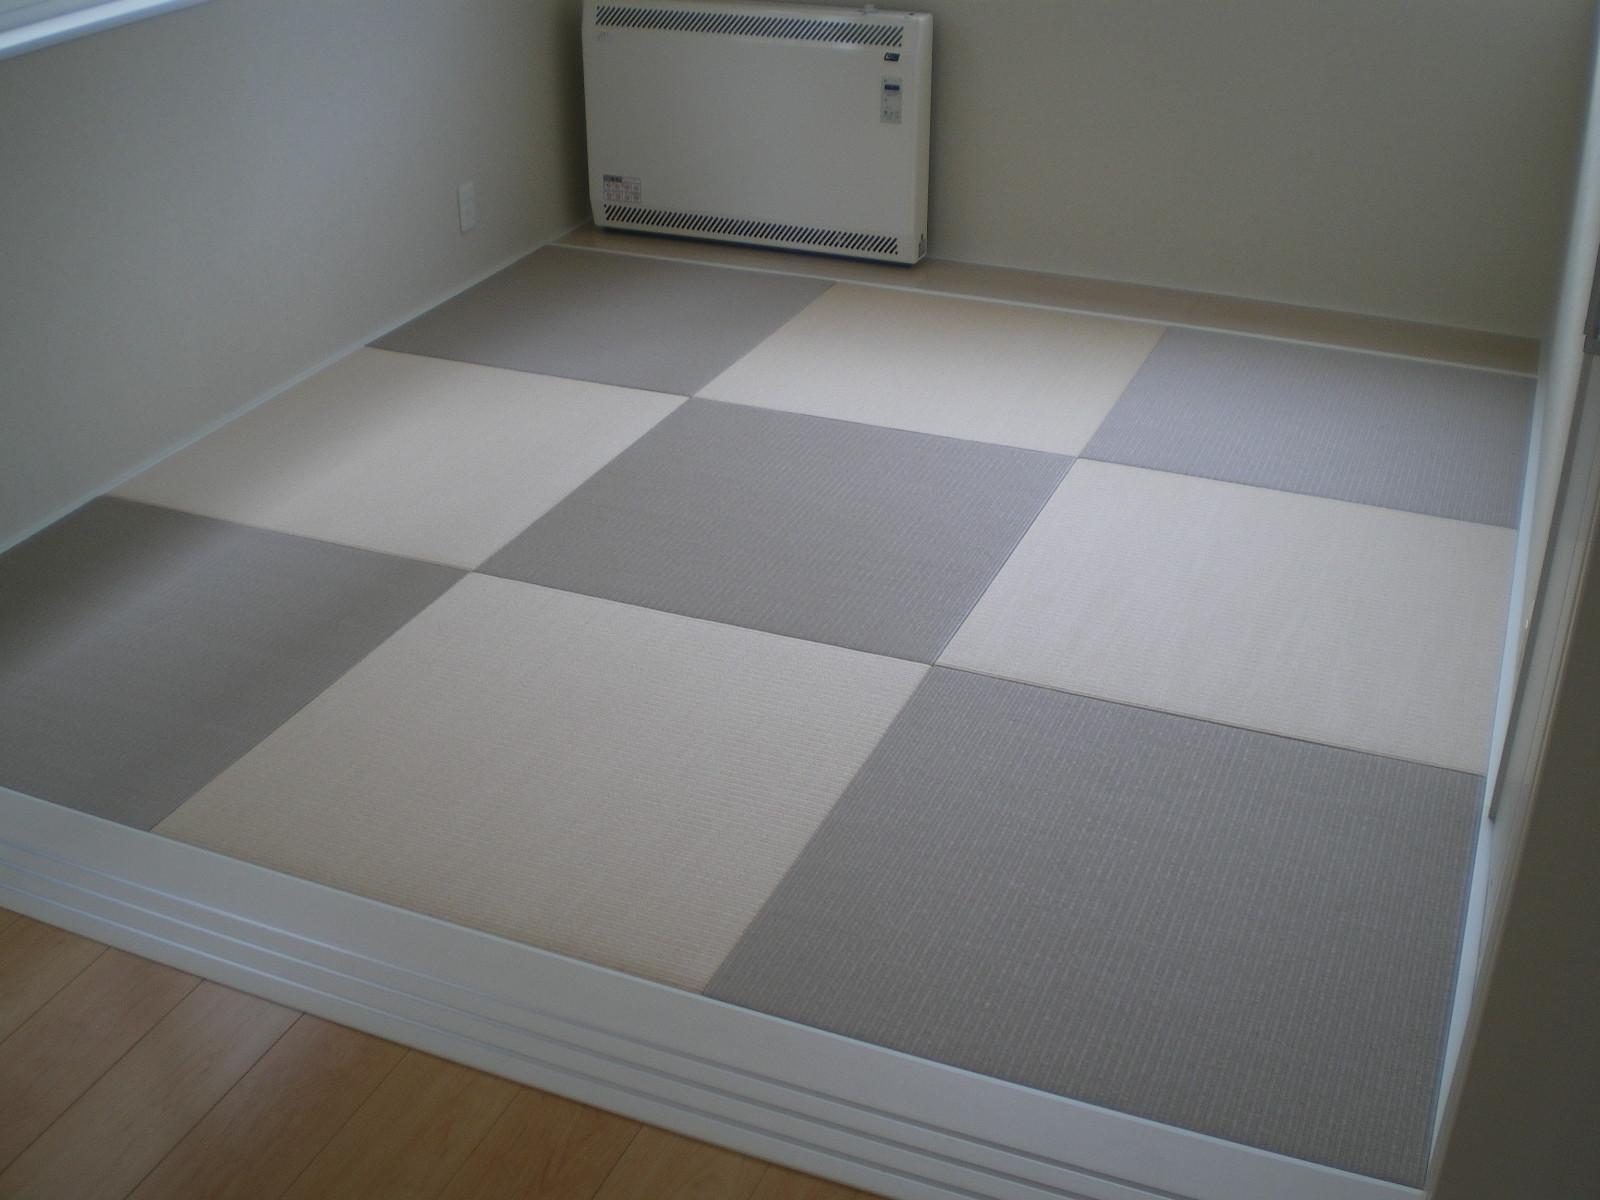 へりなし琉球畳(灰桜色×白茶色)